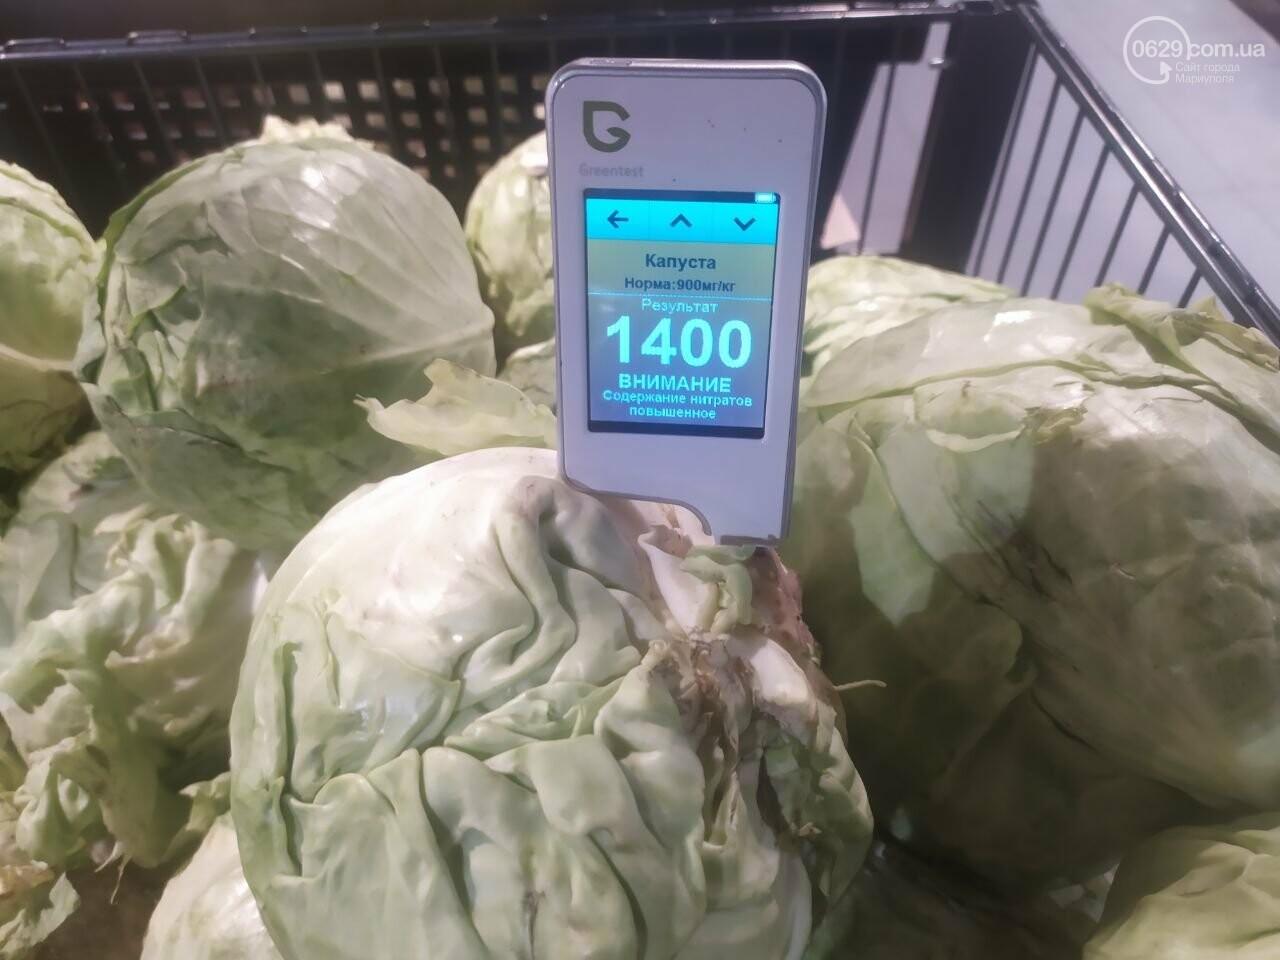 Осторожно, нитраты! В супермаркетах Мариуполя продают опасную редиску и капусту, - ФОТО, фото-11